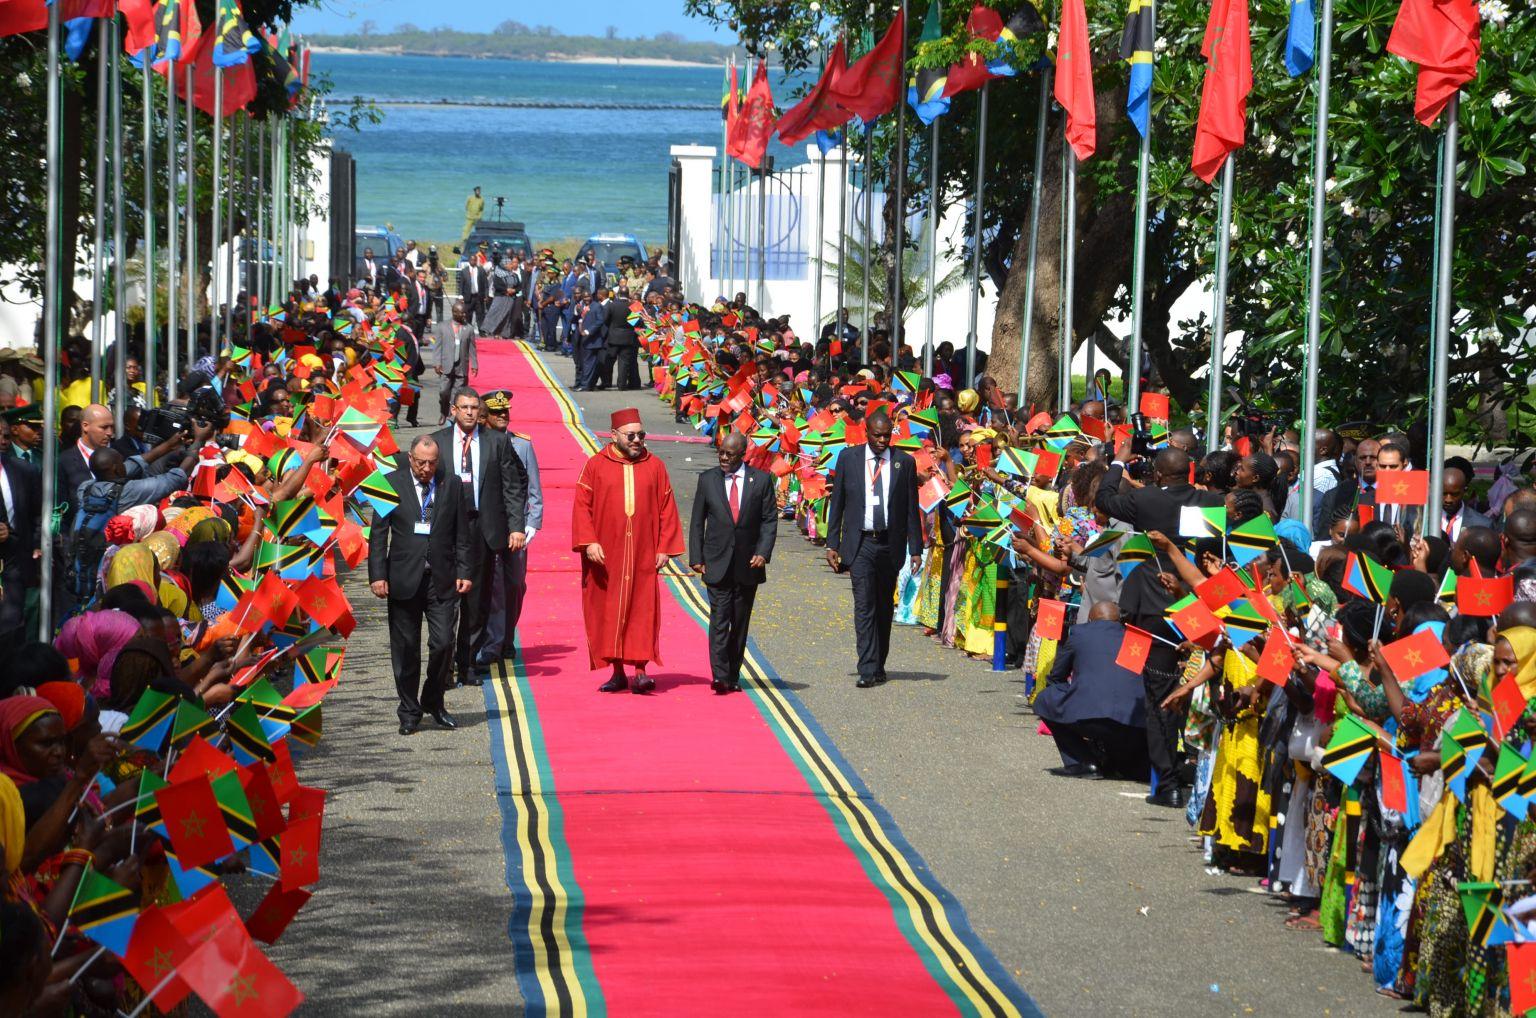 تفاصيل الاتفاقيات 22 الموقعة بين المغرب وتنزانيا تحت رئاسة الملك والرئيس ماغوفولي